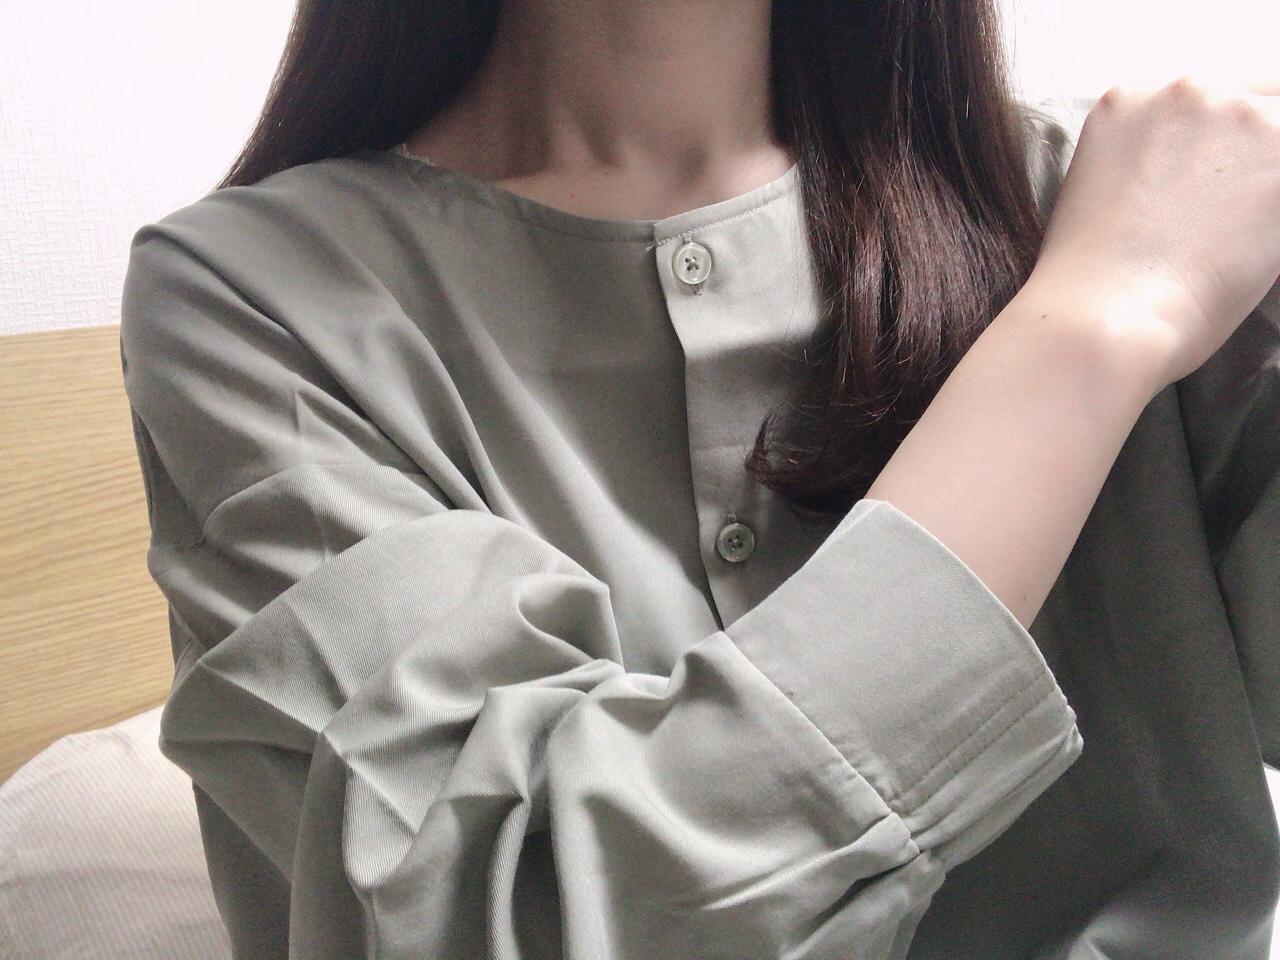 【GU】今の時期にぴったりな《おうちウェア》を990円でGET♡_5